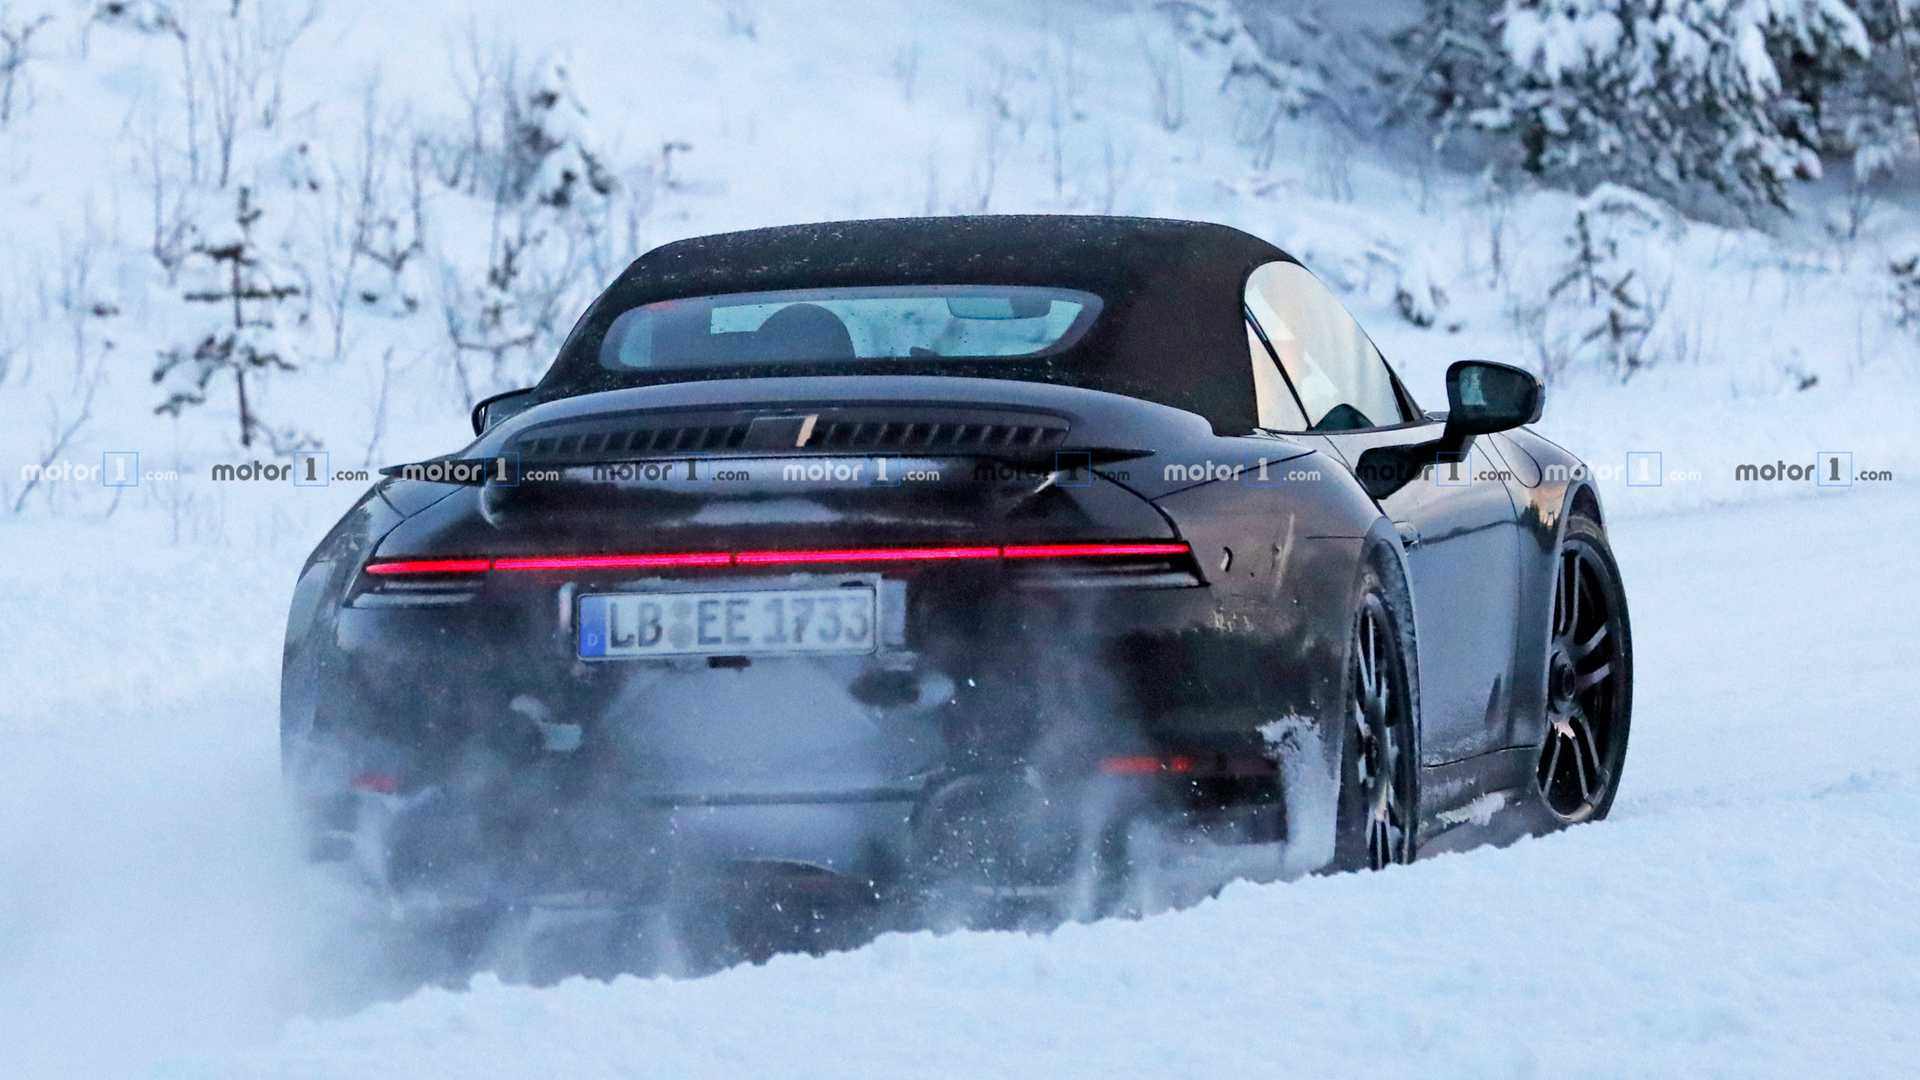 2020 Porsche 911 Turbo S Cabrio Spied Sliding Through Snow